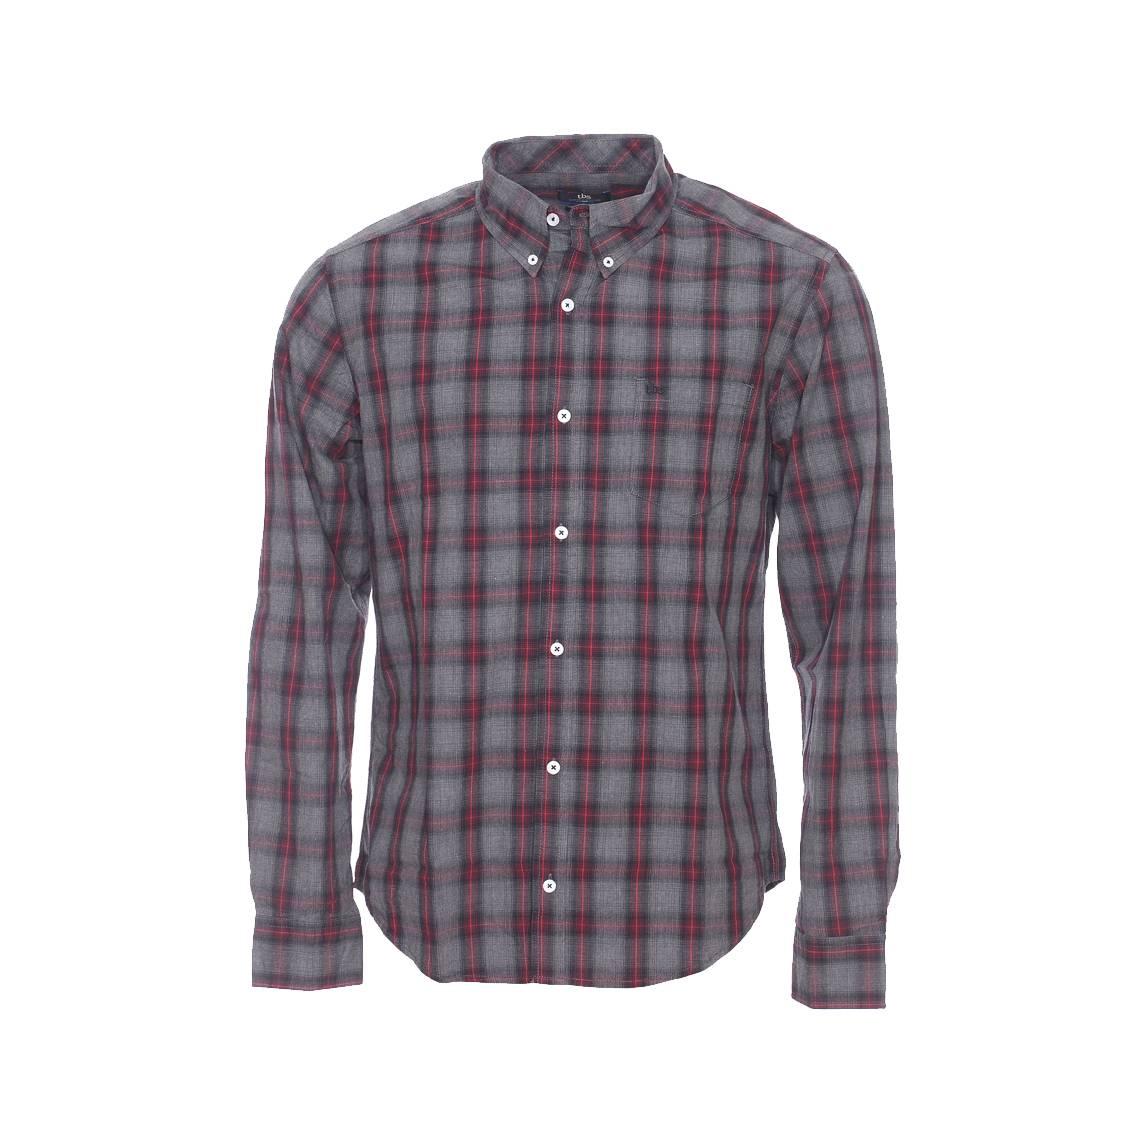 Chemise droite  en coton à carreaux gris, noirs et rouges